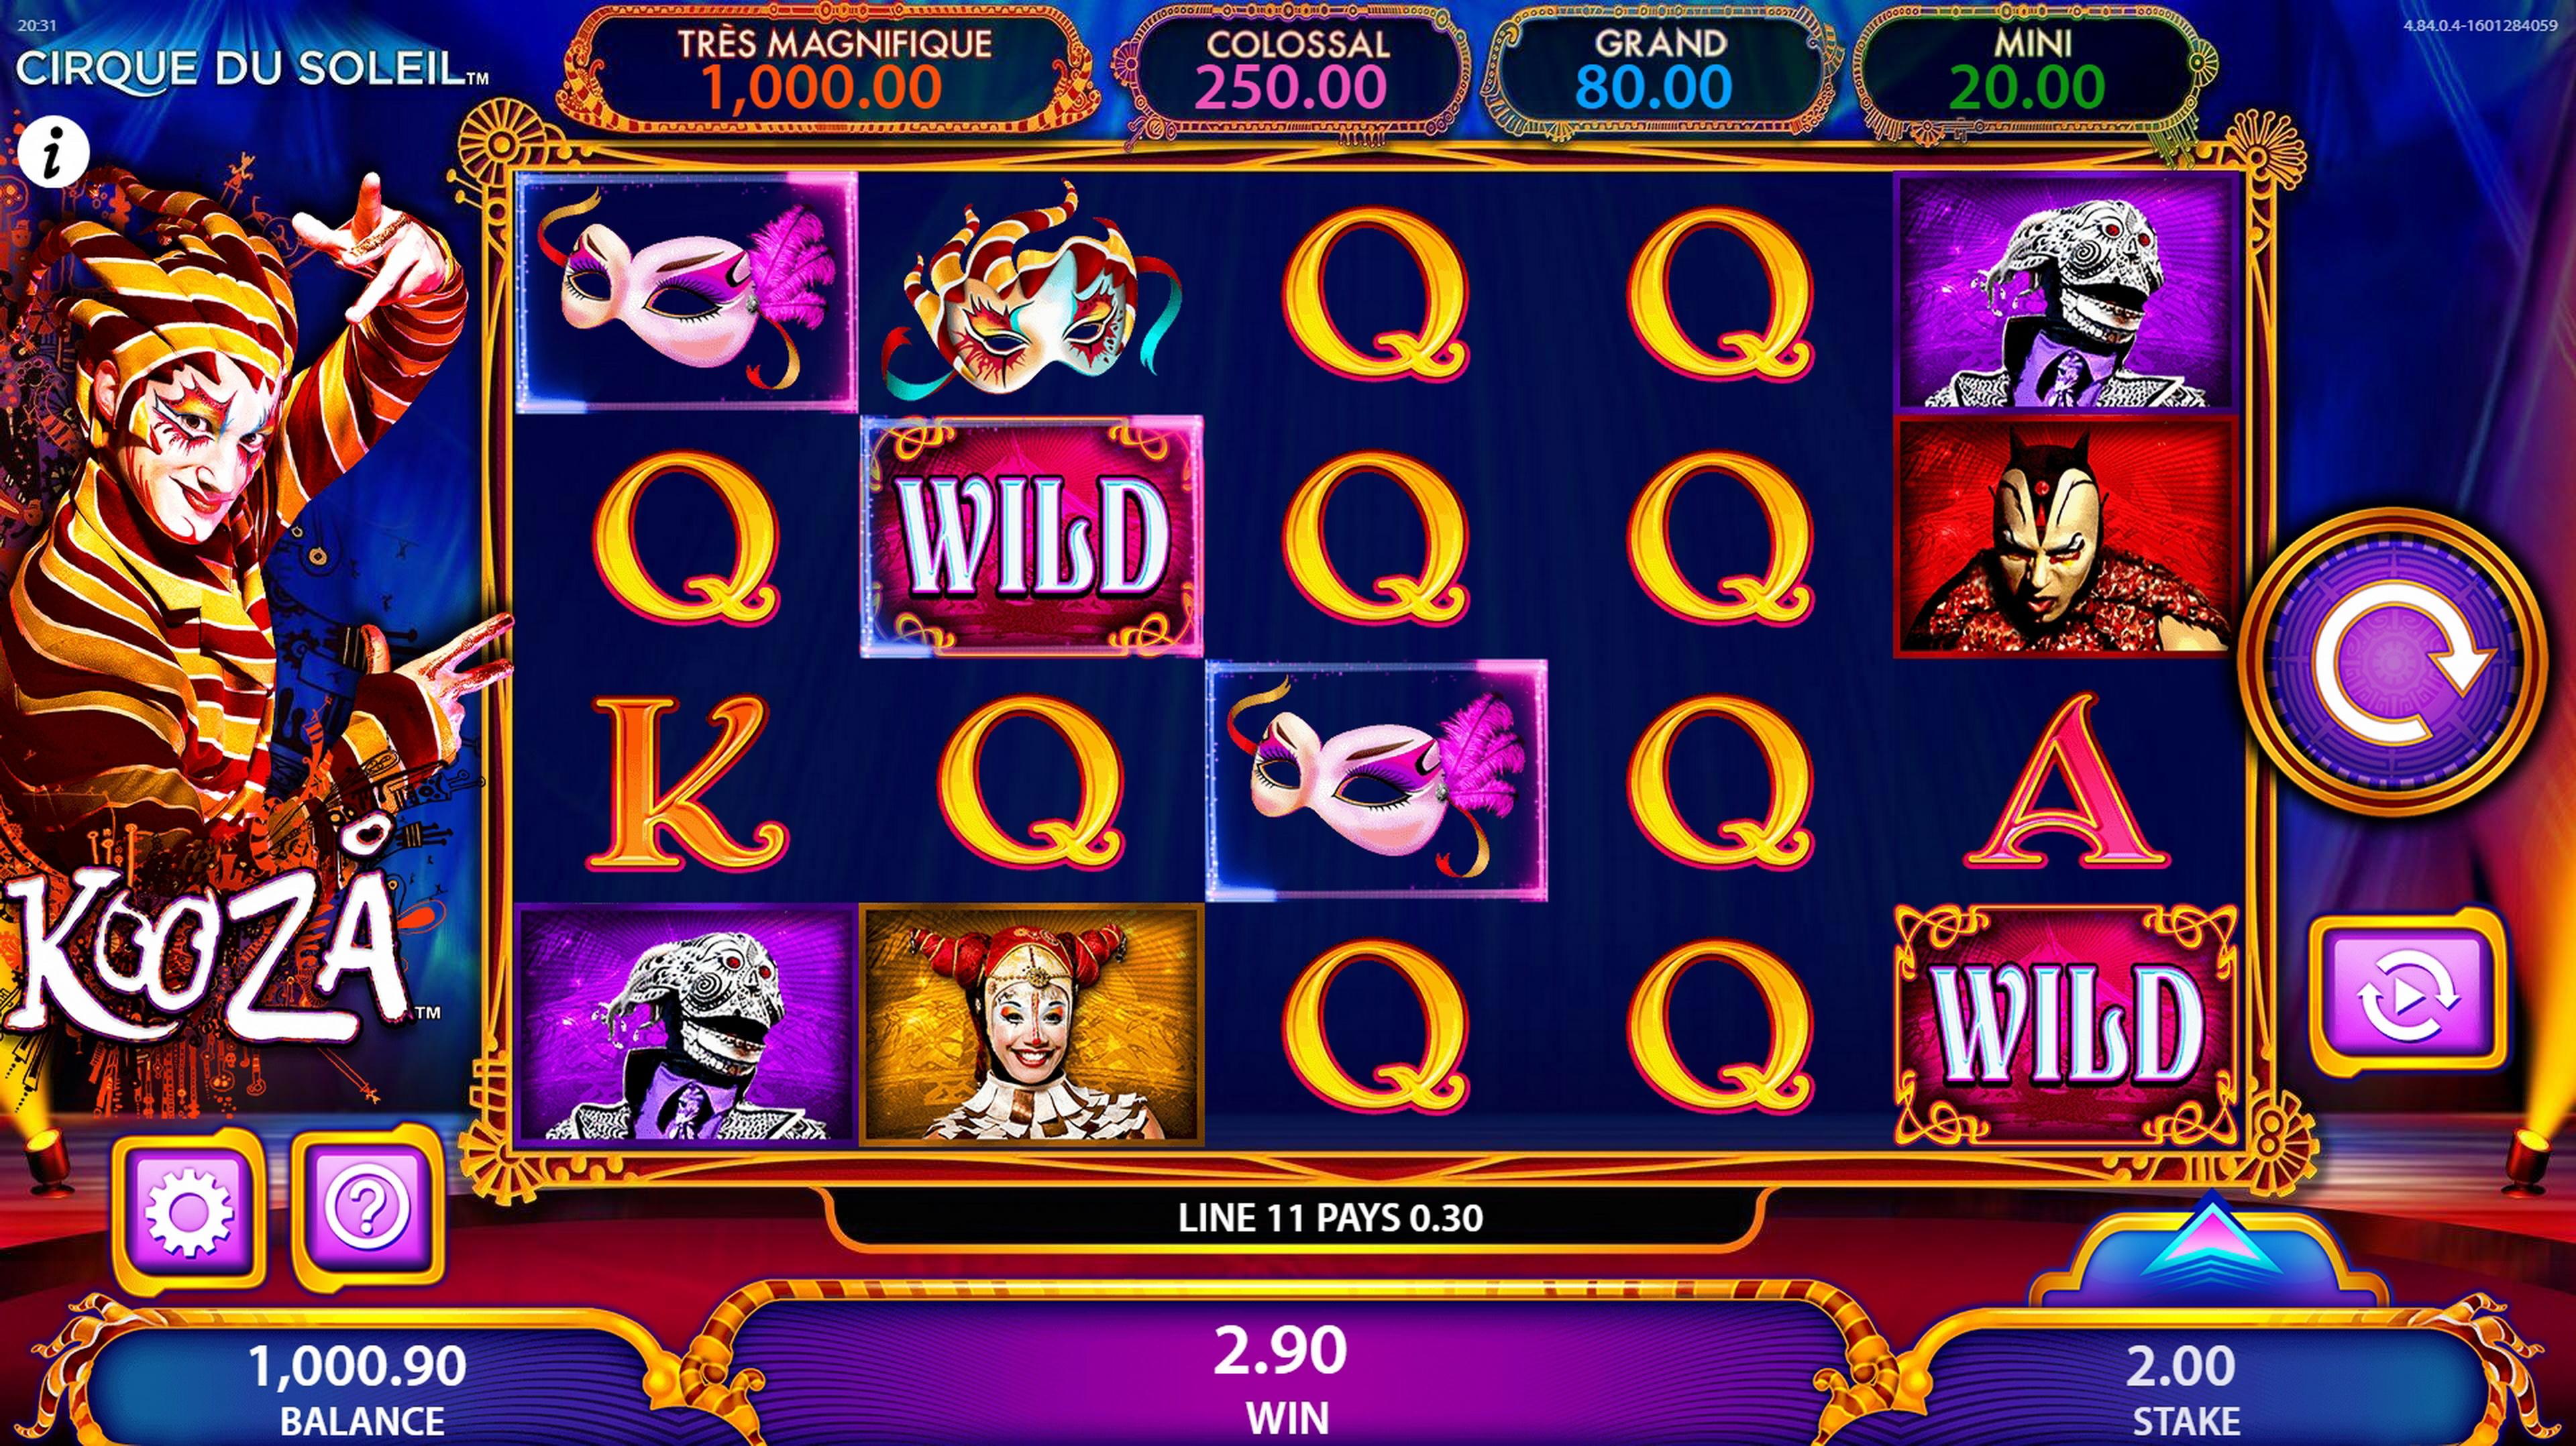 Cirque Du Soleil Kooza Slot Machine